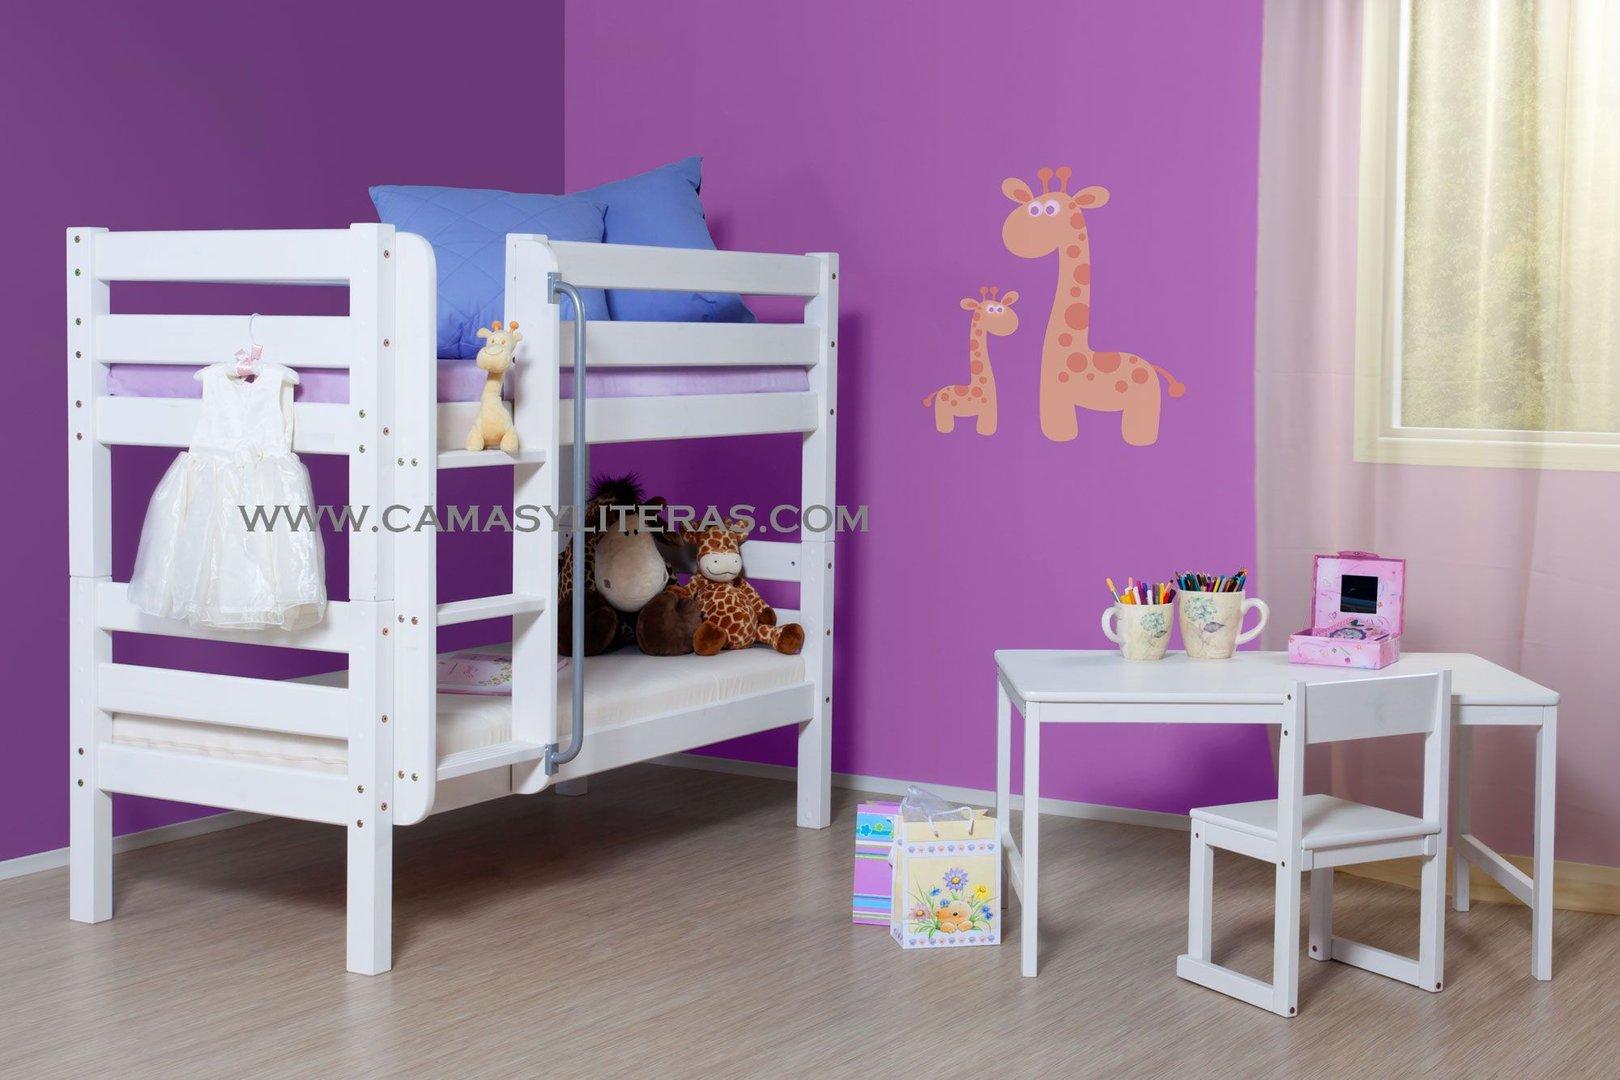 Litera sasha 70 x 160 camas y literas for Camas infantiles baratas